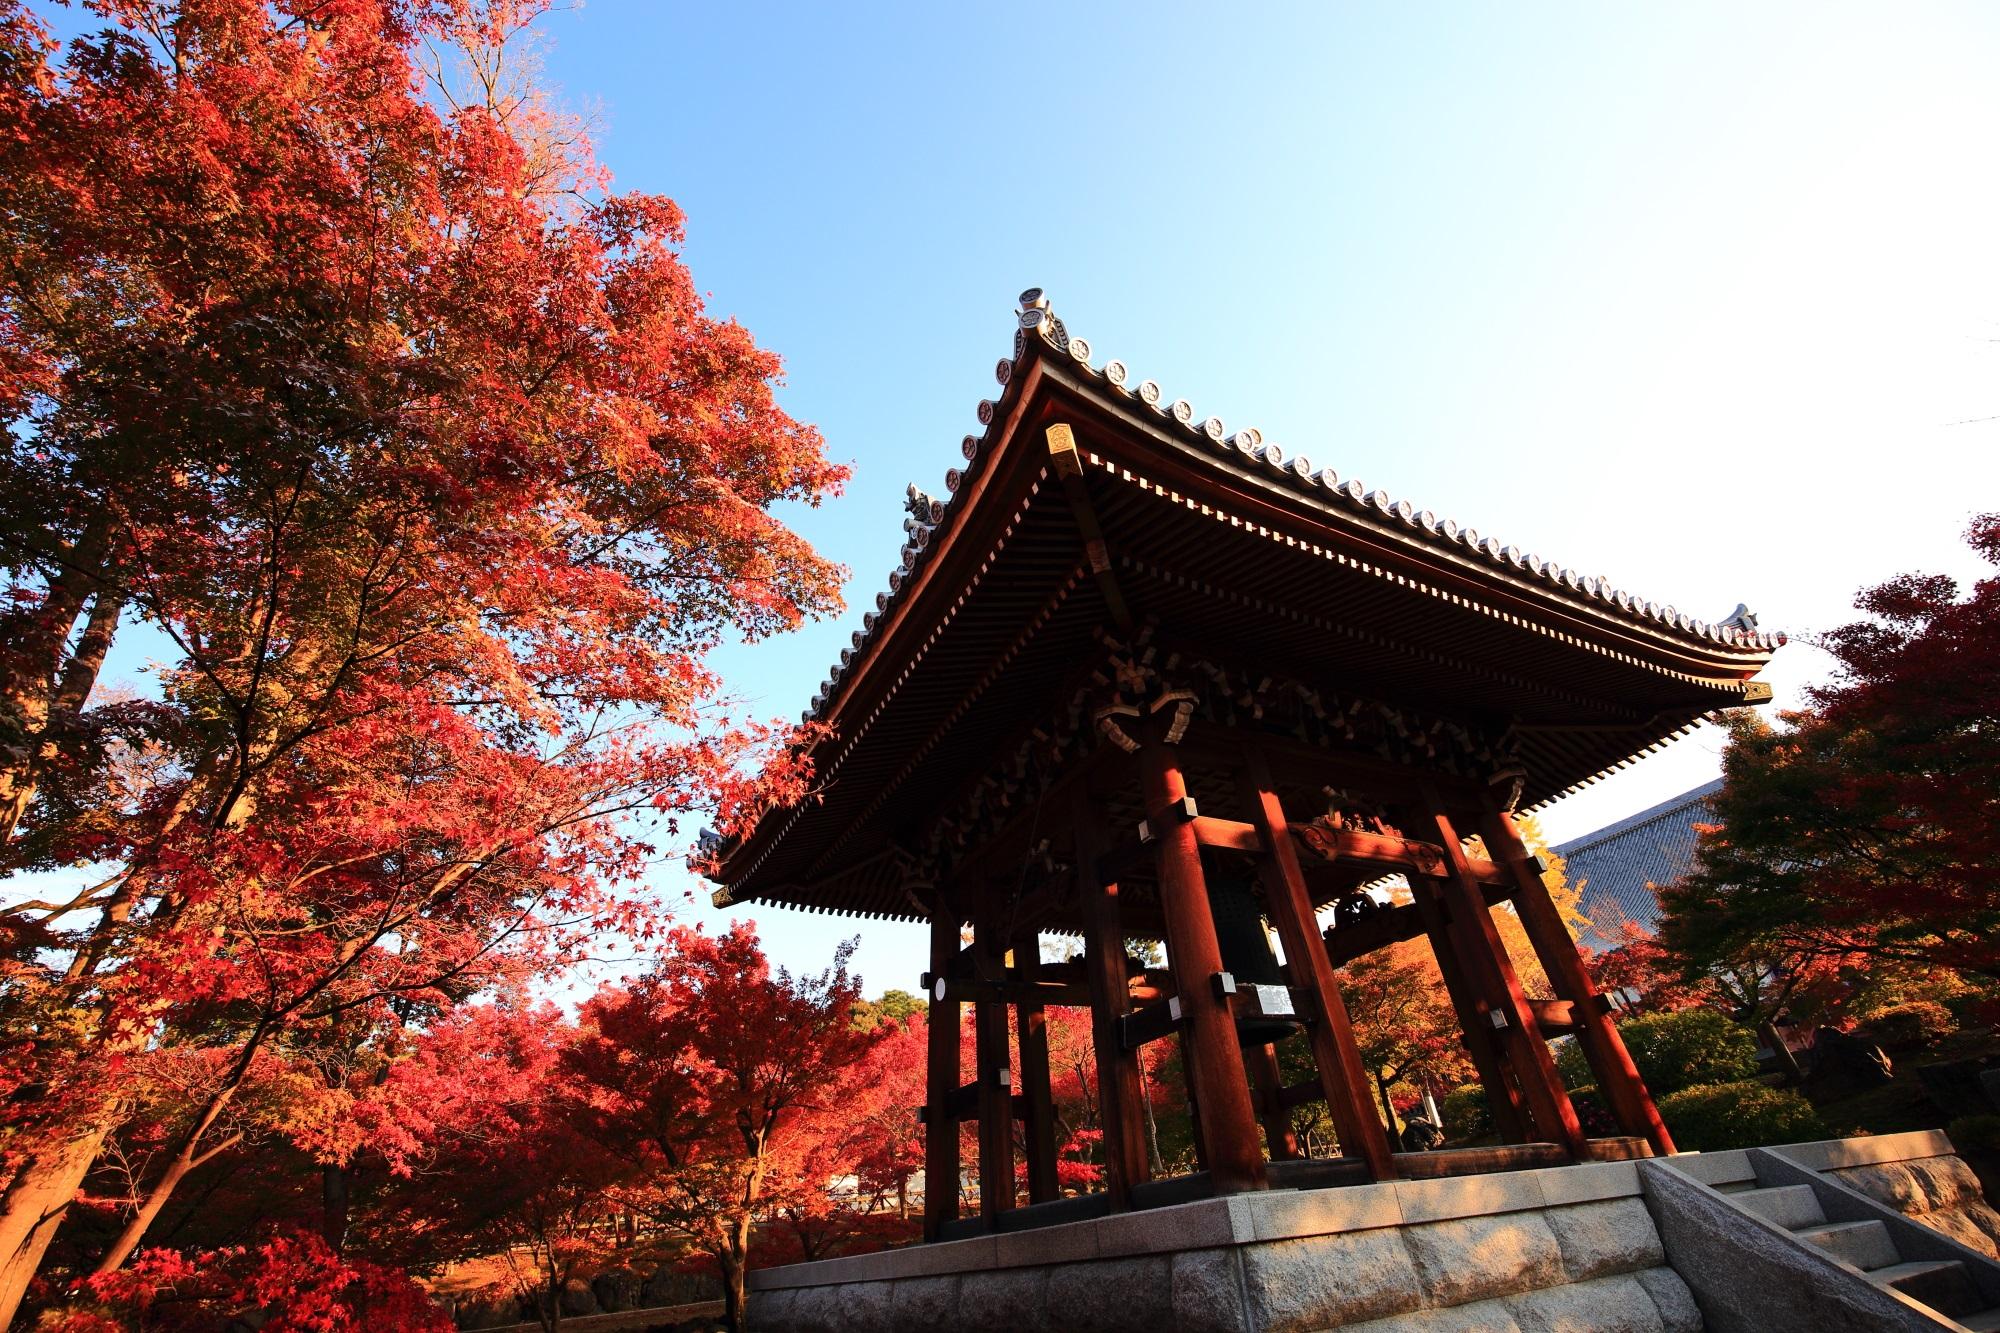 智積院の鐘楼と煌びやかな紅葉